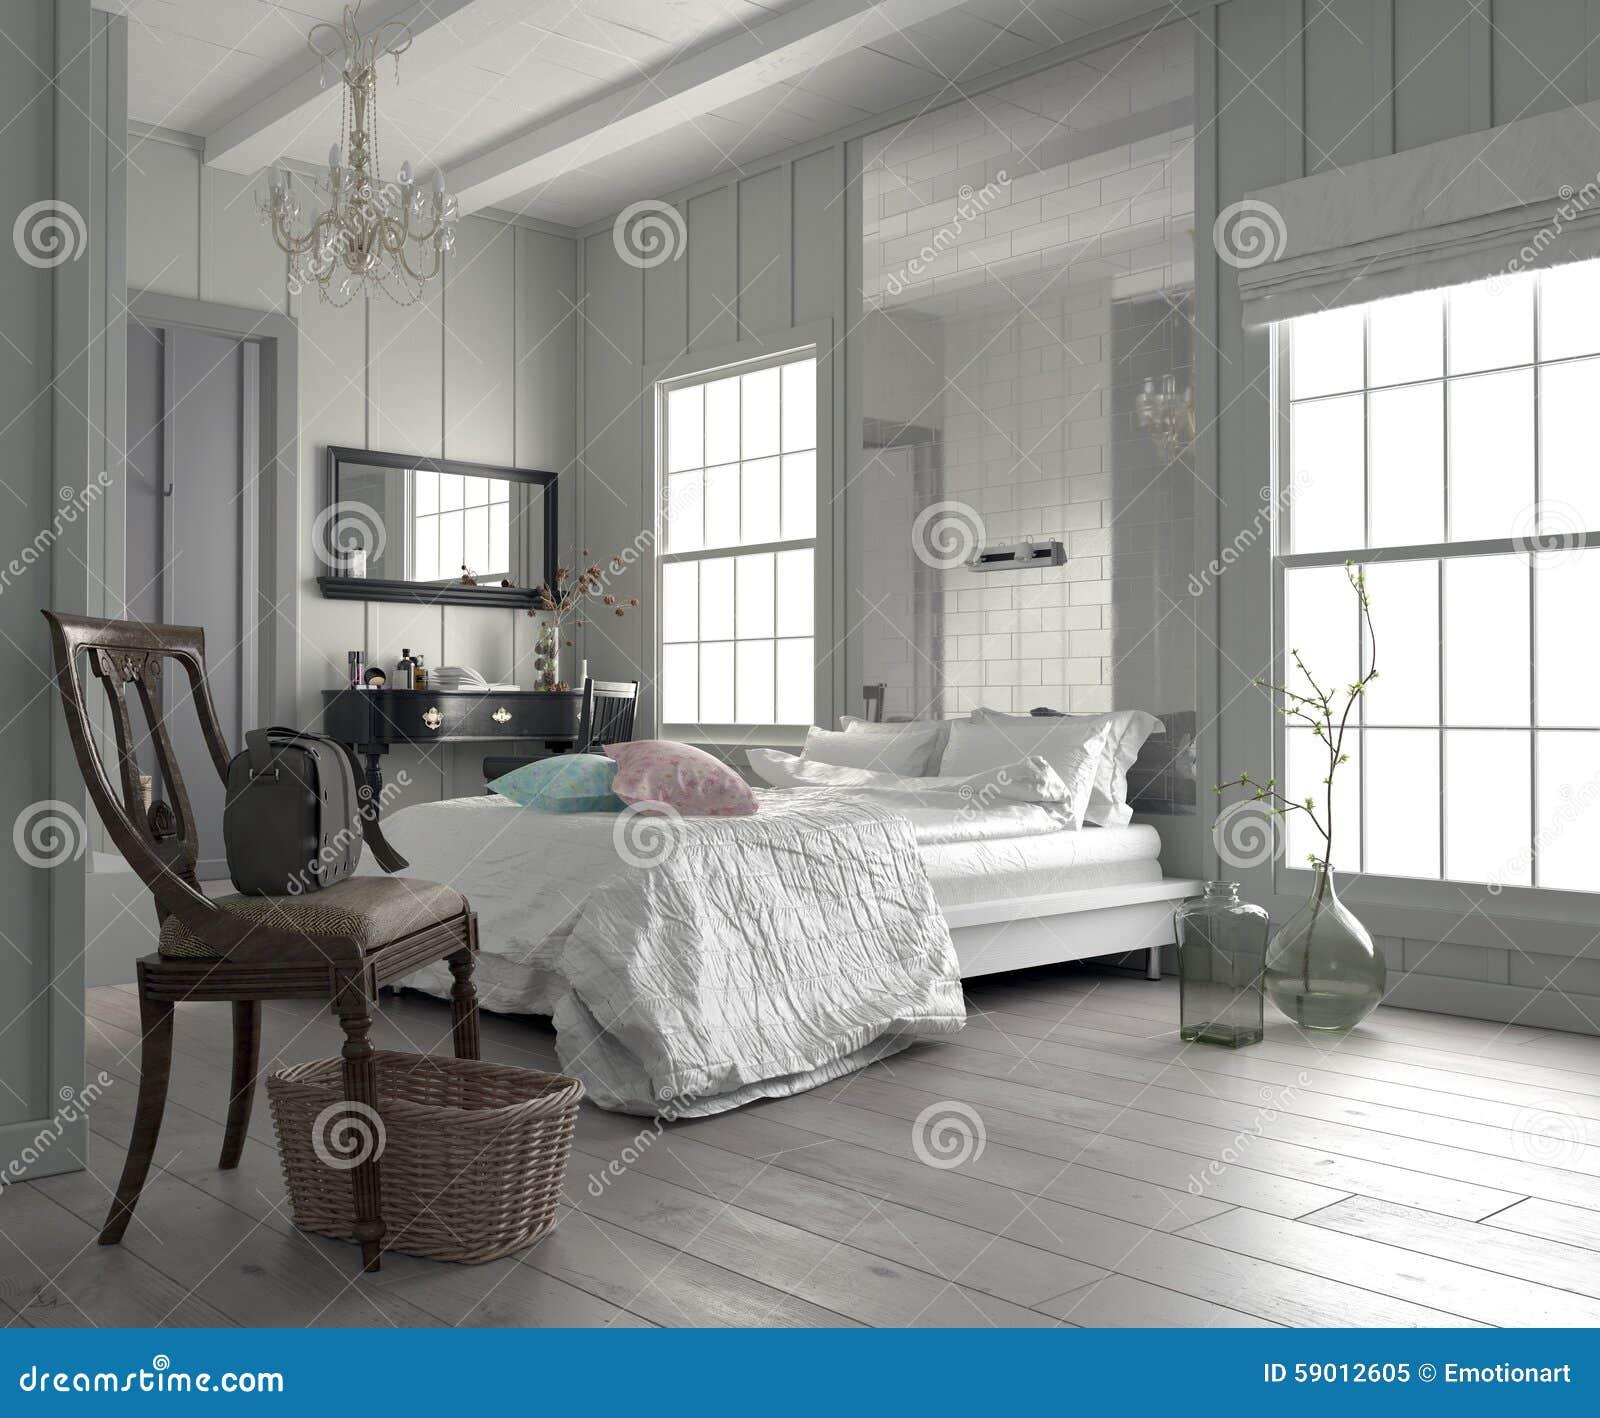 Grande camera da letto bianca moderna spaziosa immagine stock immagine di mobilia hotel 59012605 - Camera da letto moderna bianca laccata ...